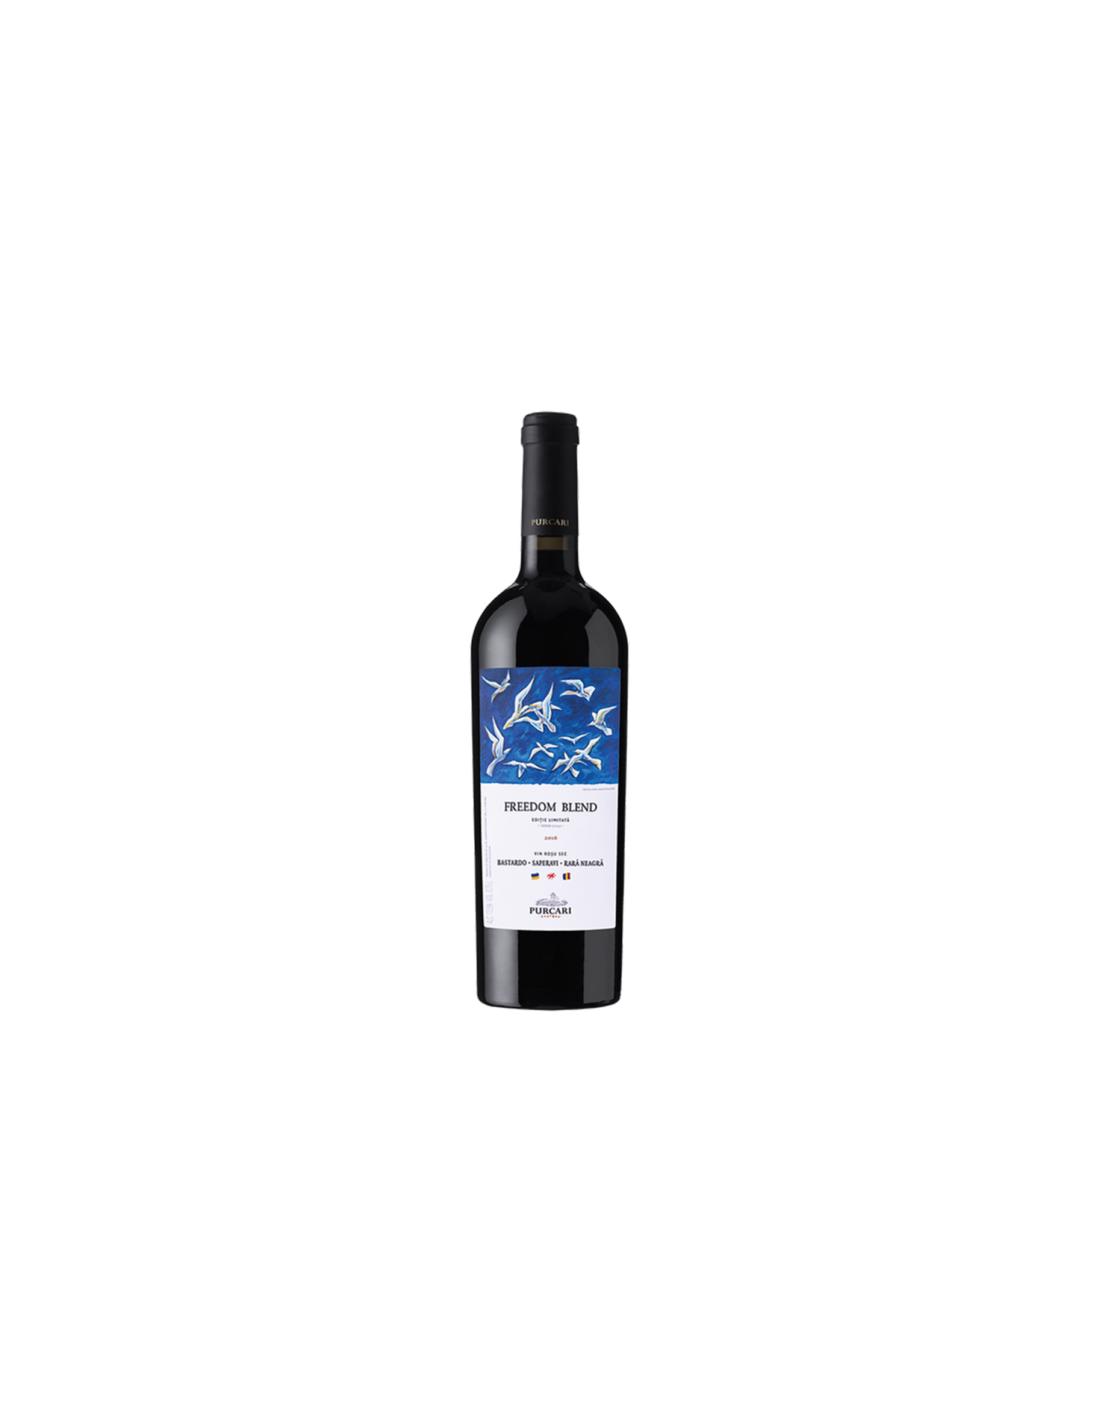 Vin rosu sec, Cupaj, Purcari Stefan Voda, 0.75L, 12.5% alc., Republica Moldova